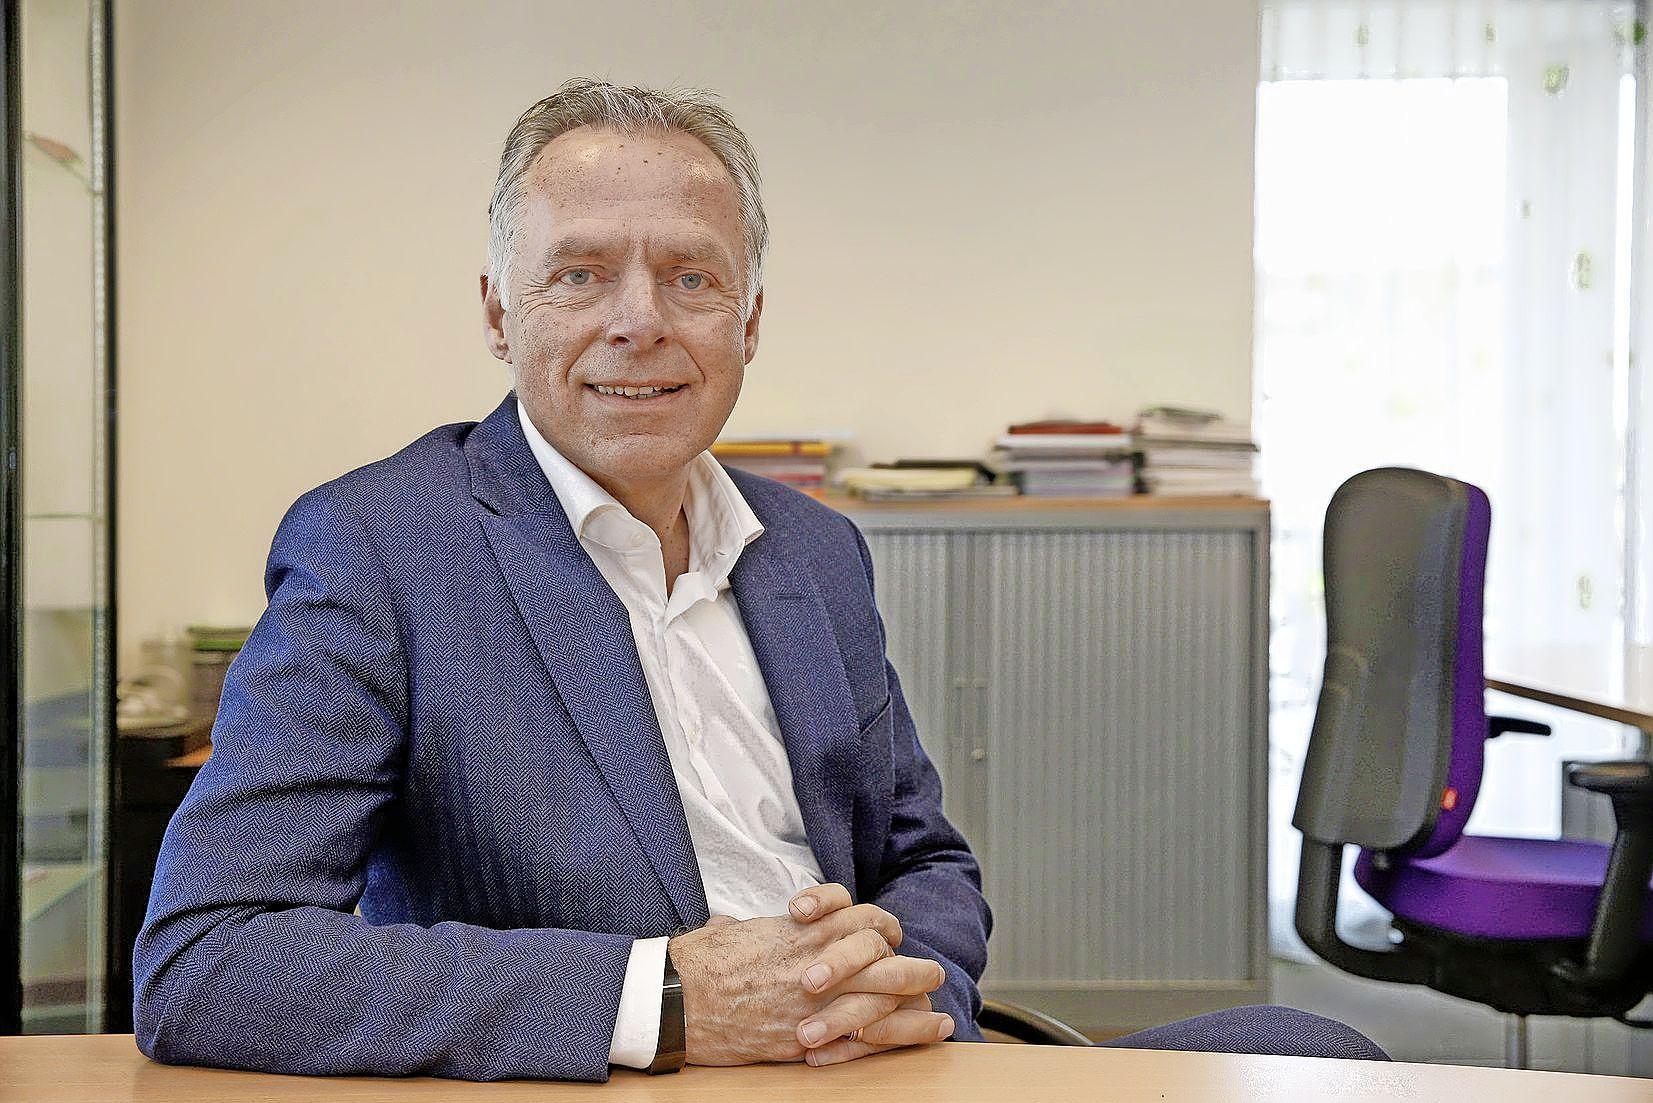 Samen wil locaties voor zware zorg uitbreiden in de Noordkop, grote kans op nieuwbouw in Den Oever